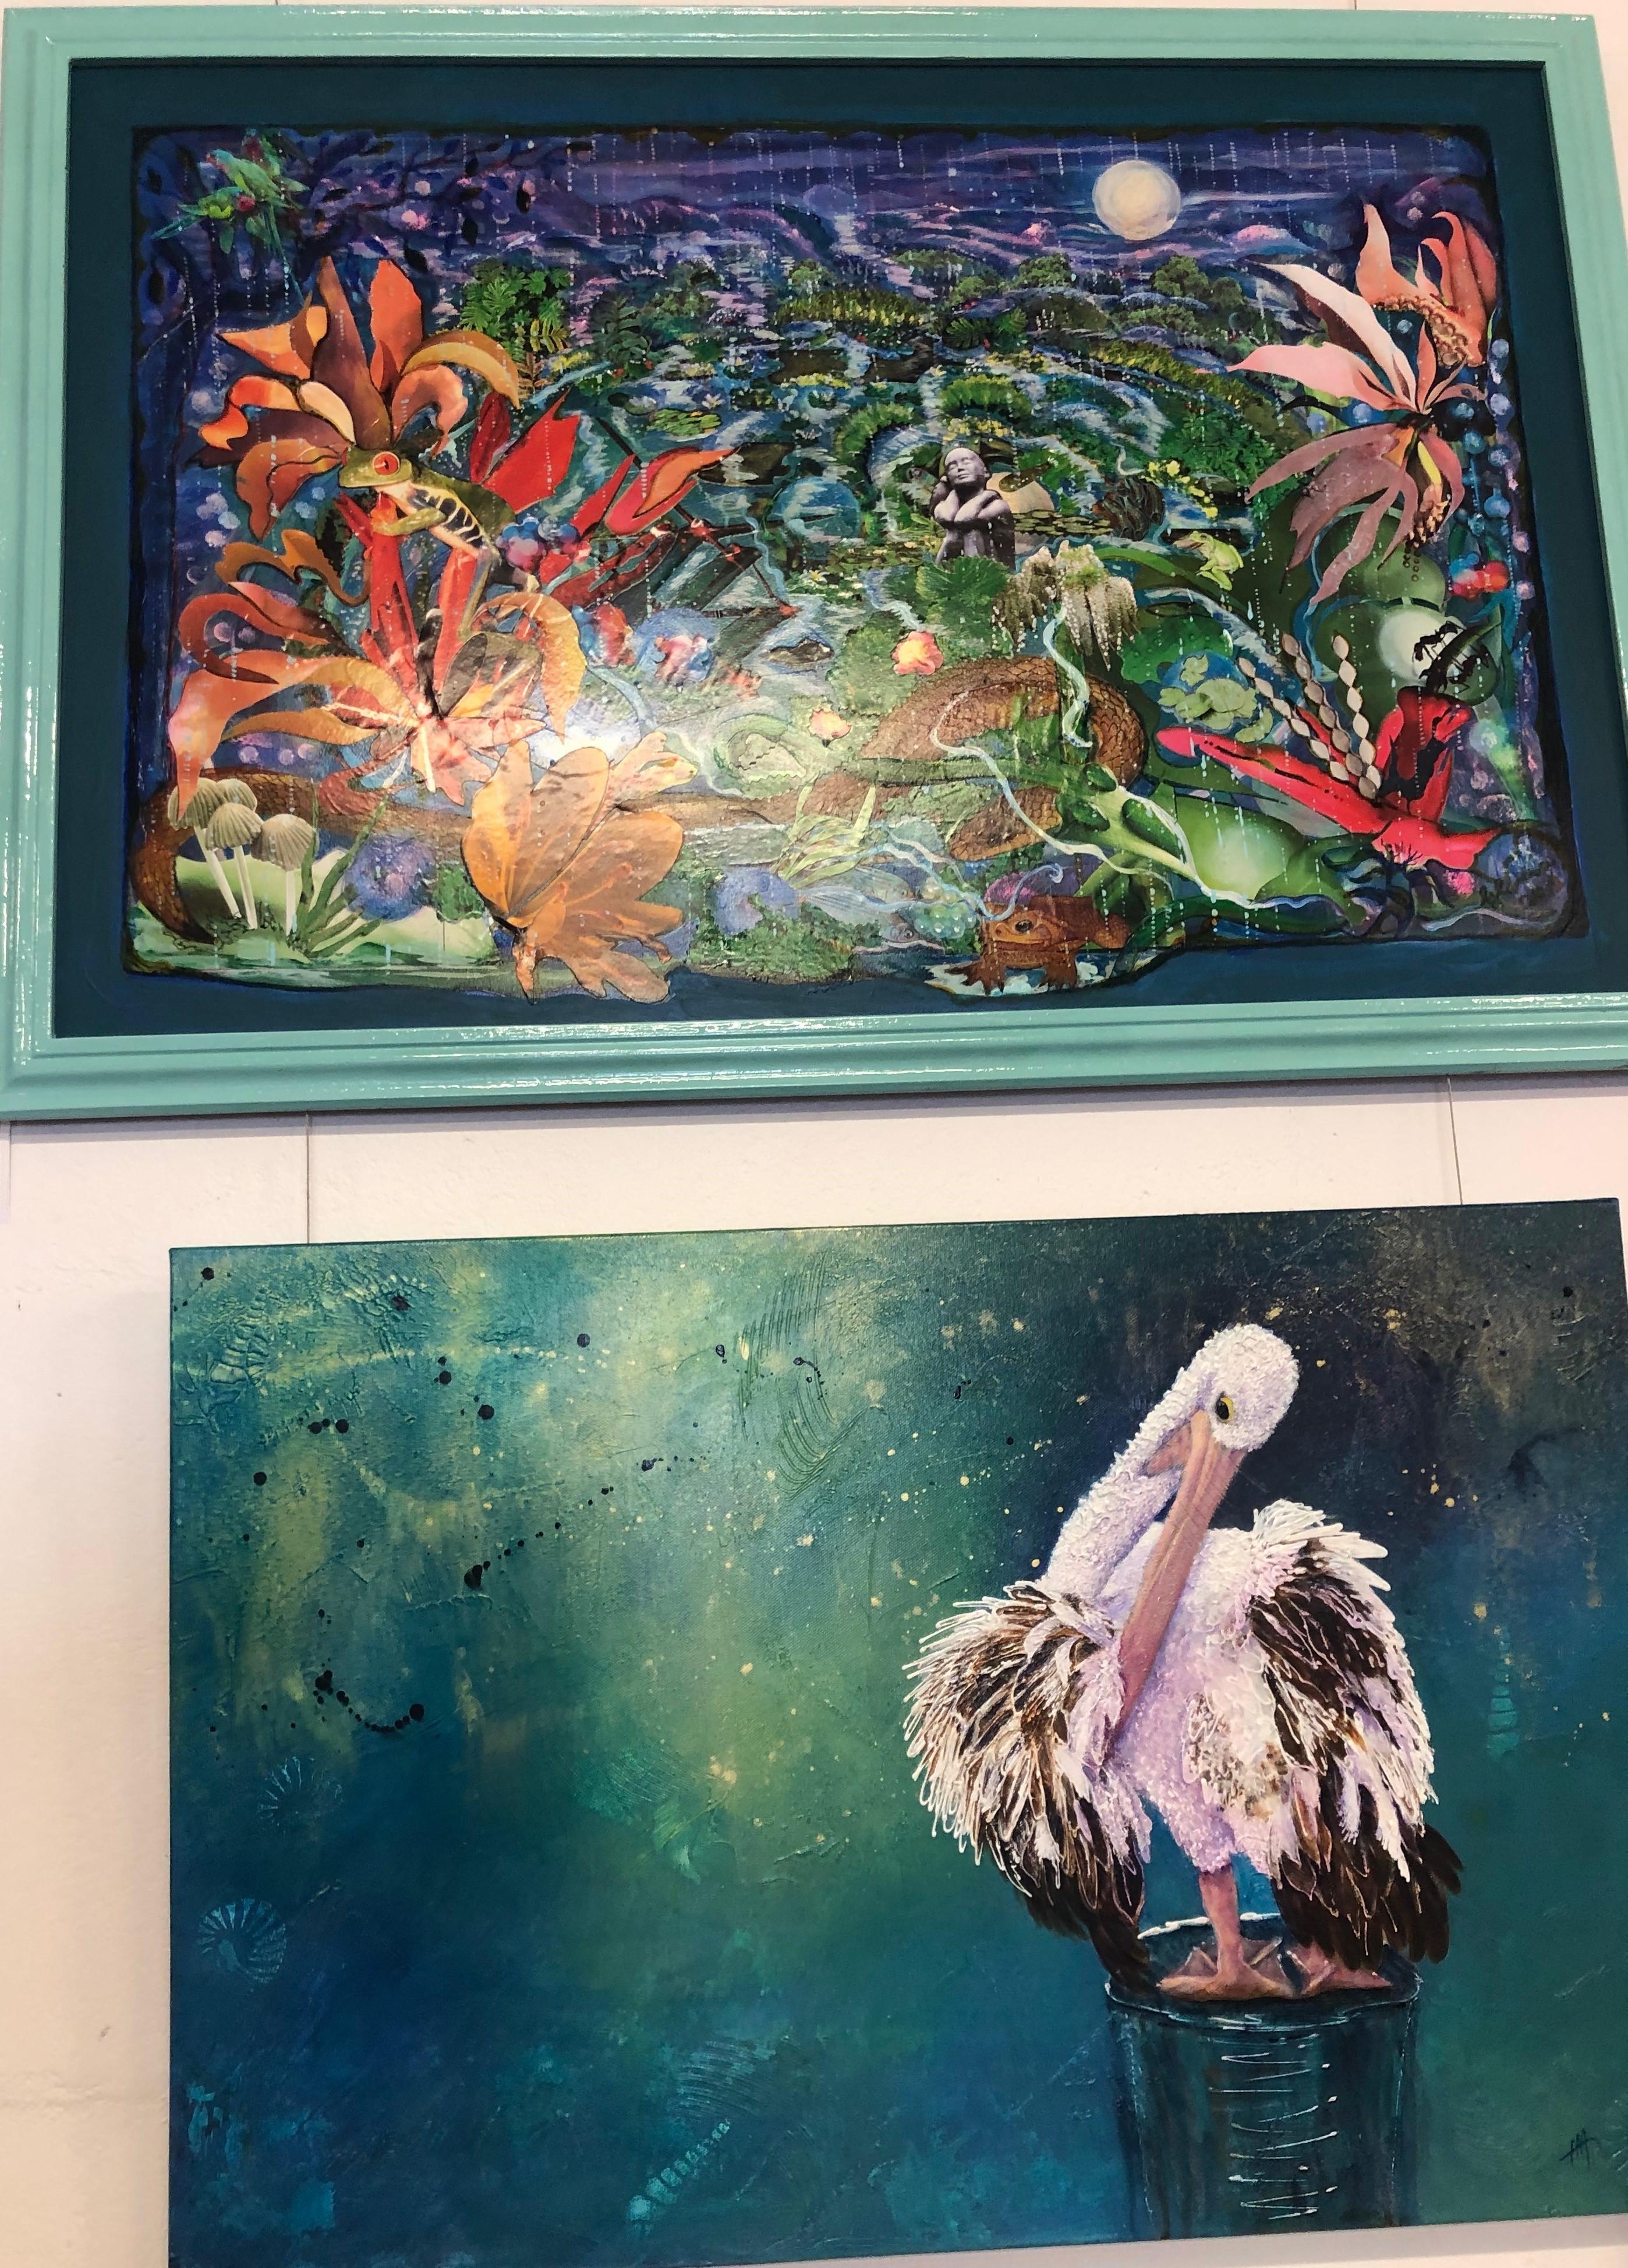 dual paintings